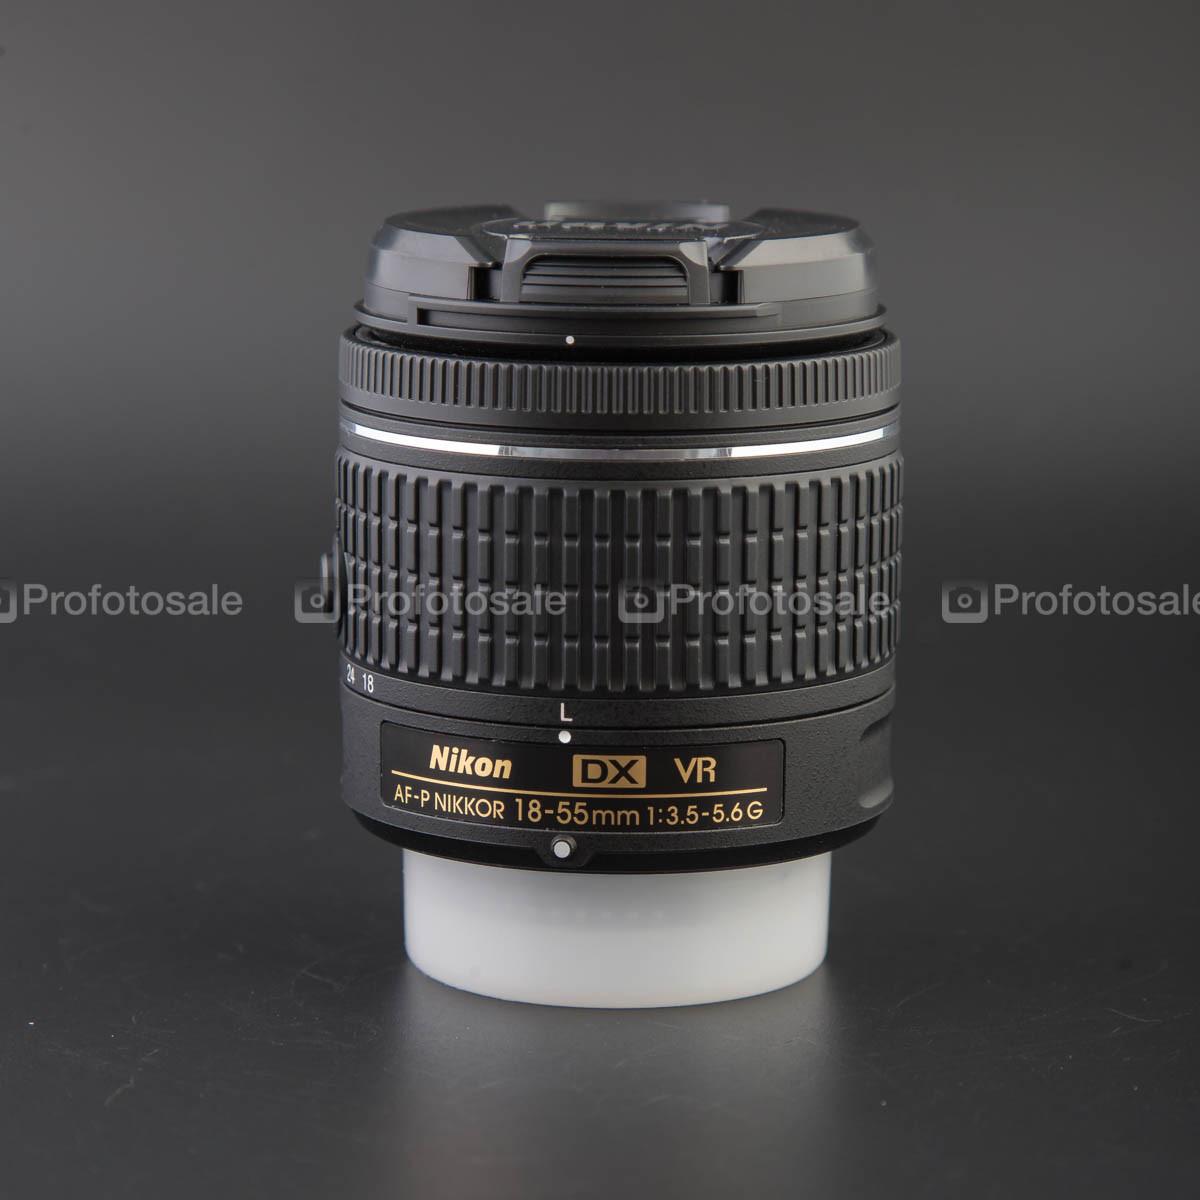 Nikkor AF-P 18-55mm 1:3.5 - 5.6 DX VR